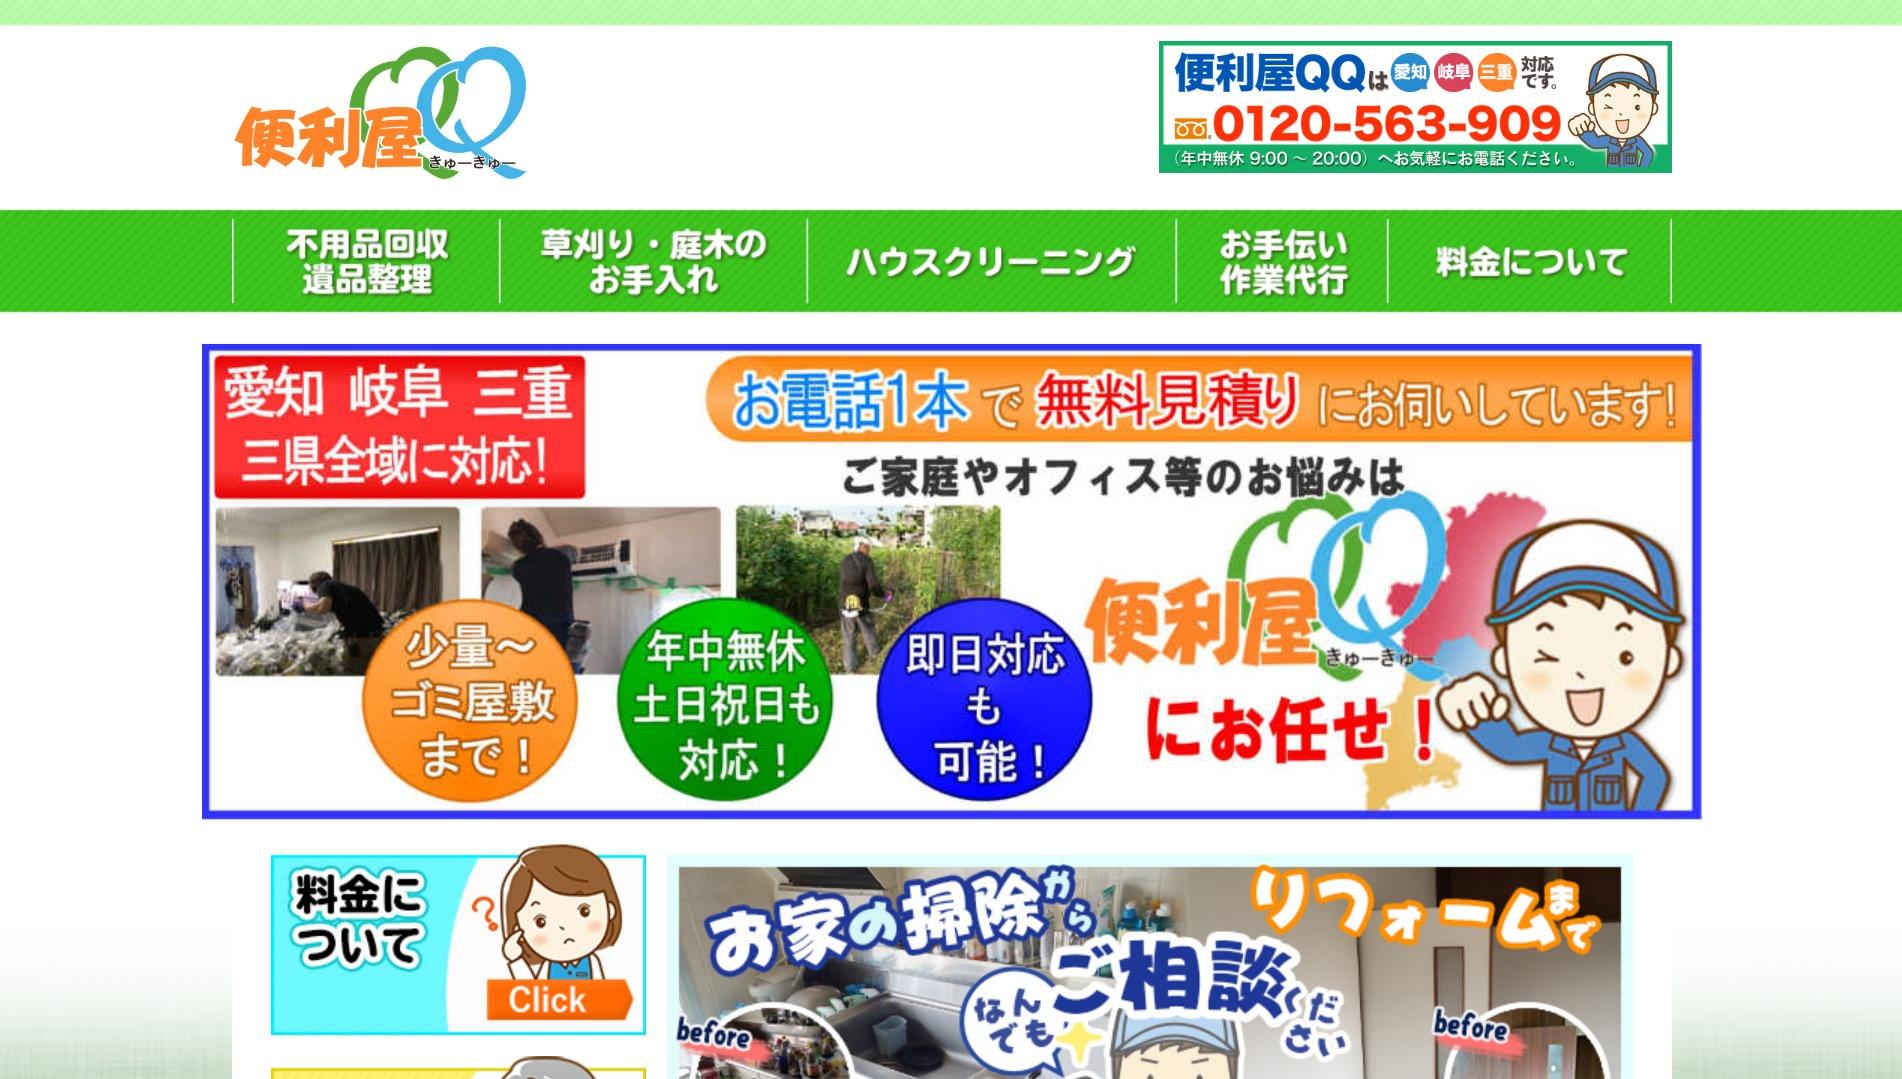 便利屋QQ(岐阜県各務原市前渡東町)